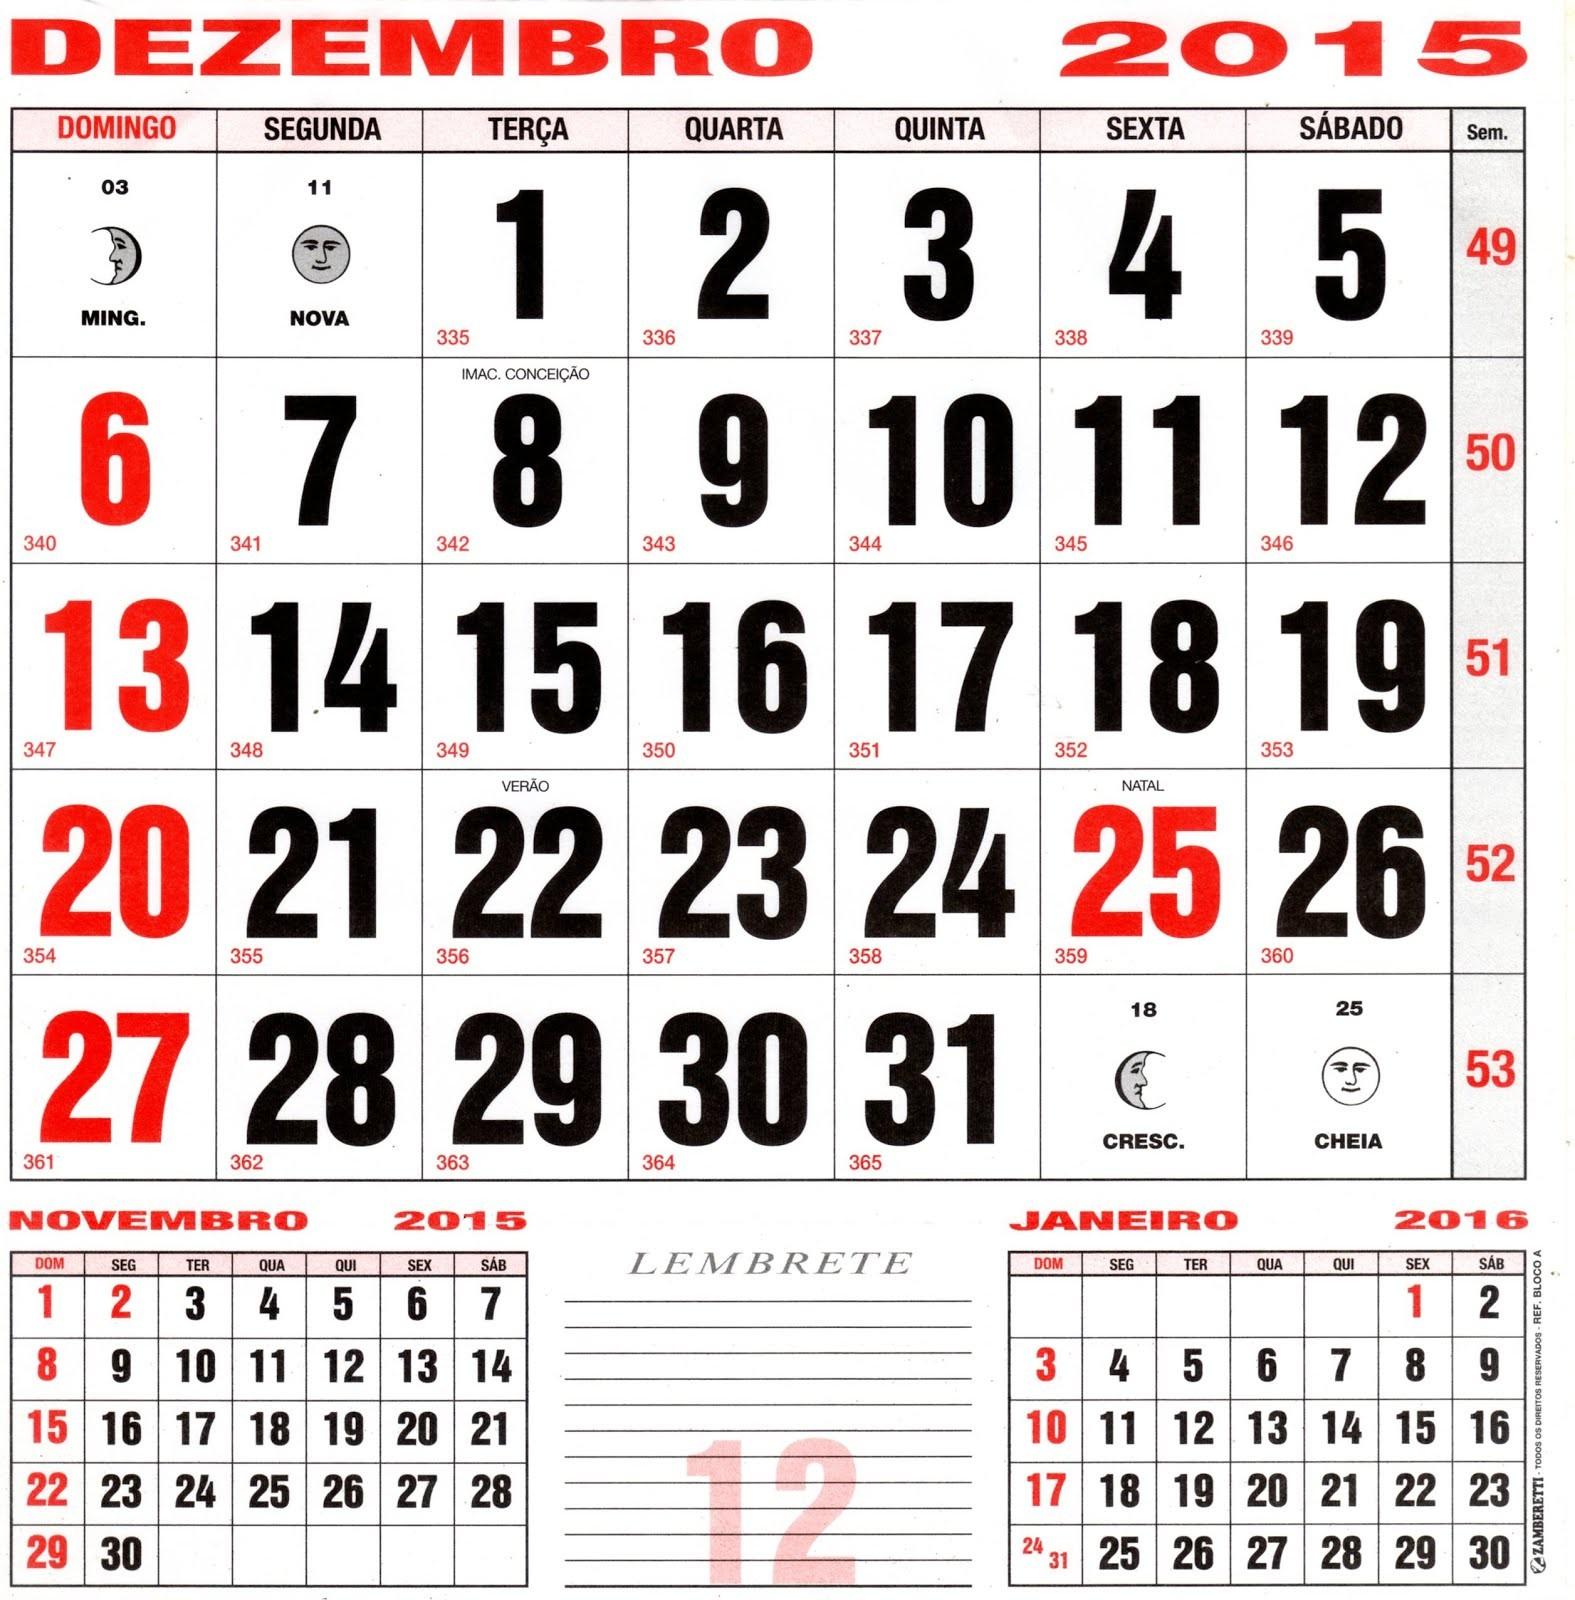 Calendário 2019 Com Feriados Sp Recientes 93 2 Dezembro Dezembro Imagem 2 Revista Ser Educacional Lei N Of Calendário 2019 Com Feriados Sp Más Populares Googlier android Search Date 2018 09 01